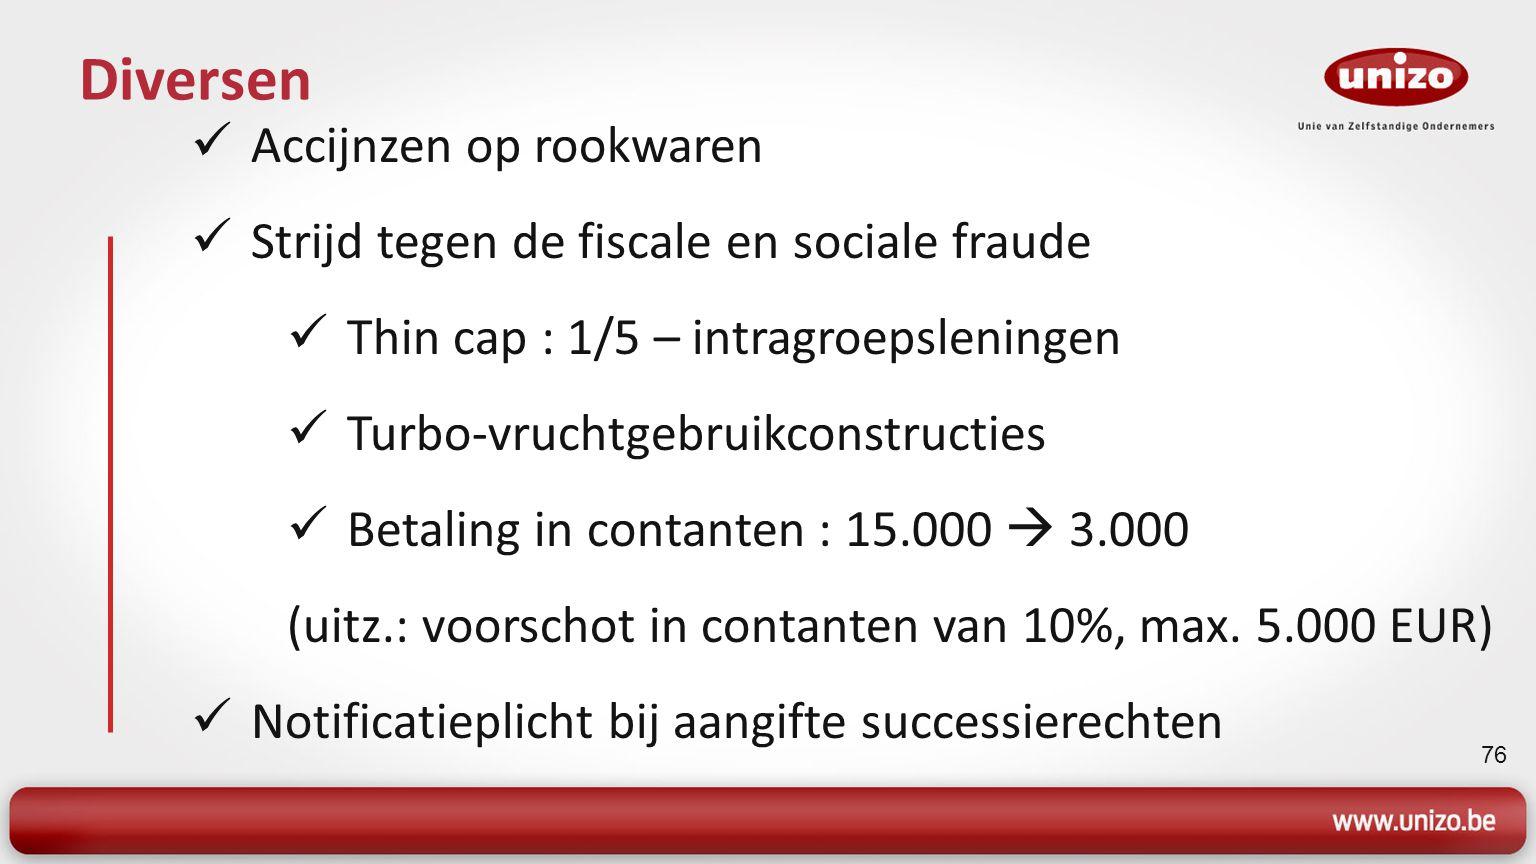 76 Diversen Accijnzen op rookwaren Strijd tegen de fiscale en sociale fraude Thin cap : 1/5 – intragroepsleningen Turbo-vruchtgebruikconstructies Betaling in contanten : 15.000  3.000 (uitz.: voorschot in contanten van 10%, max.